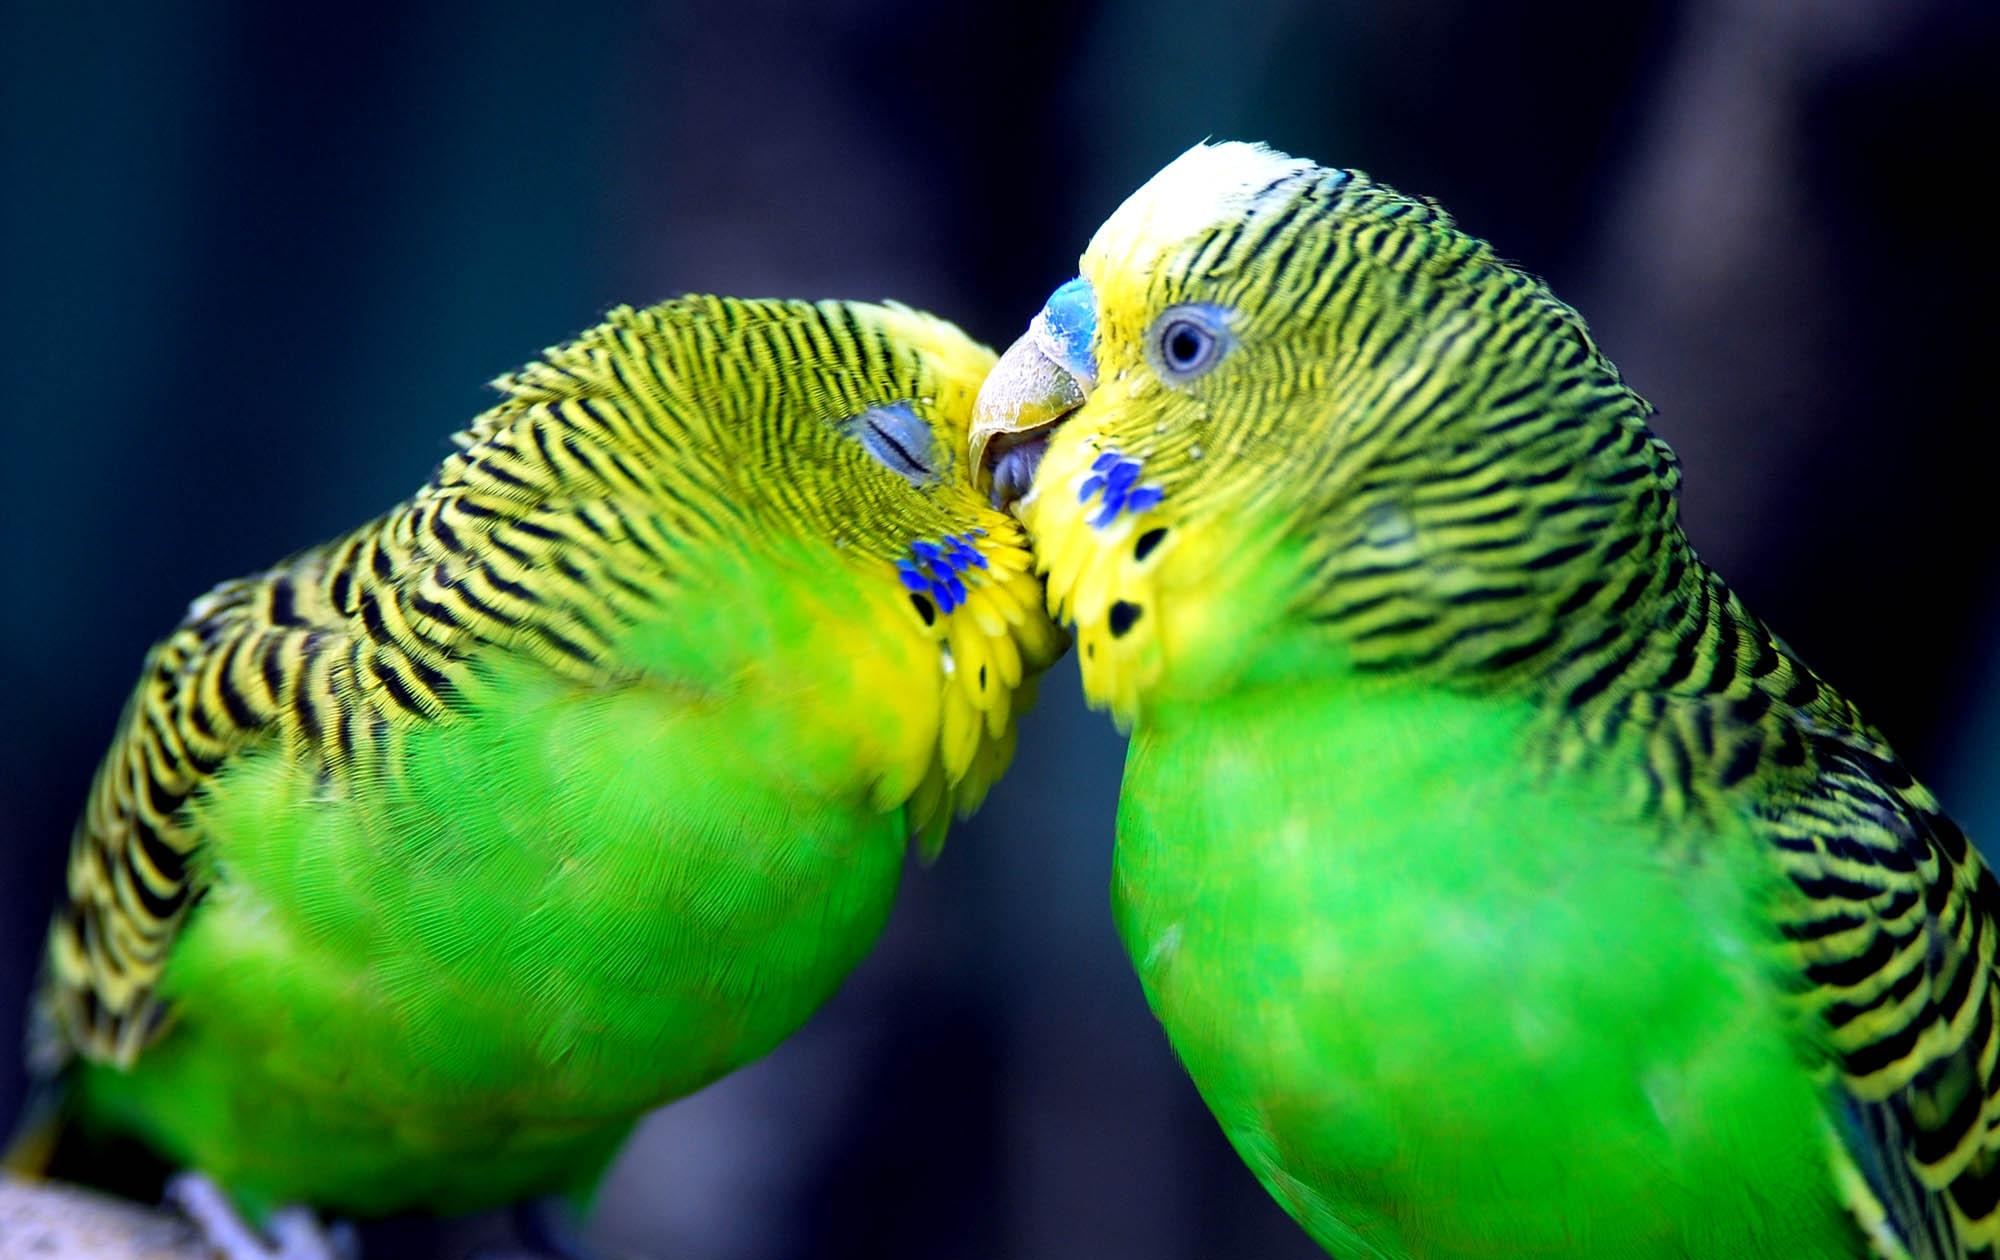 146875 Заставки и Обои Попугаи на телефон. Скачать Попугаи, Животные, Клюв, Пара, Полосатый, Голова картинки бесплатно